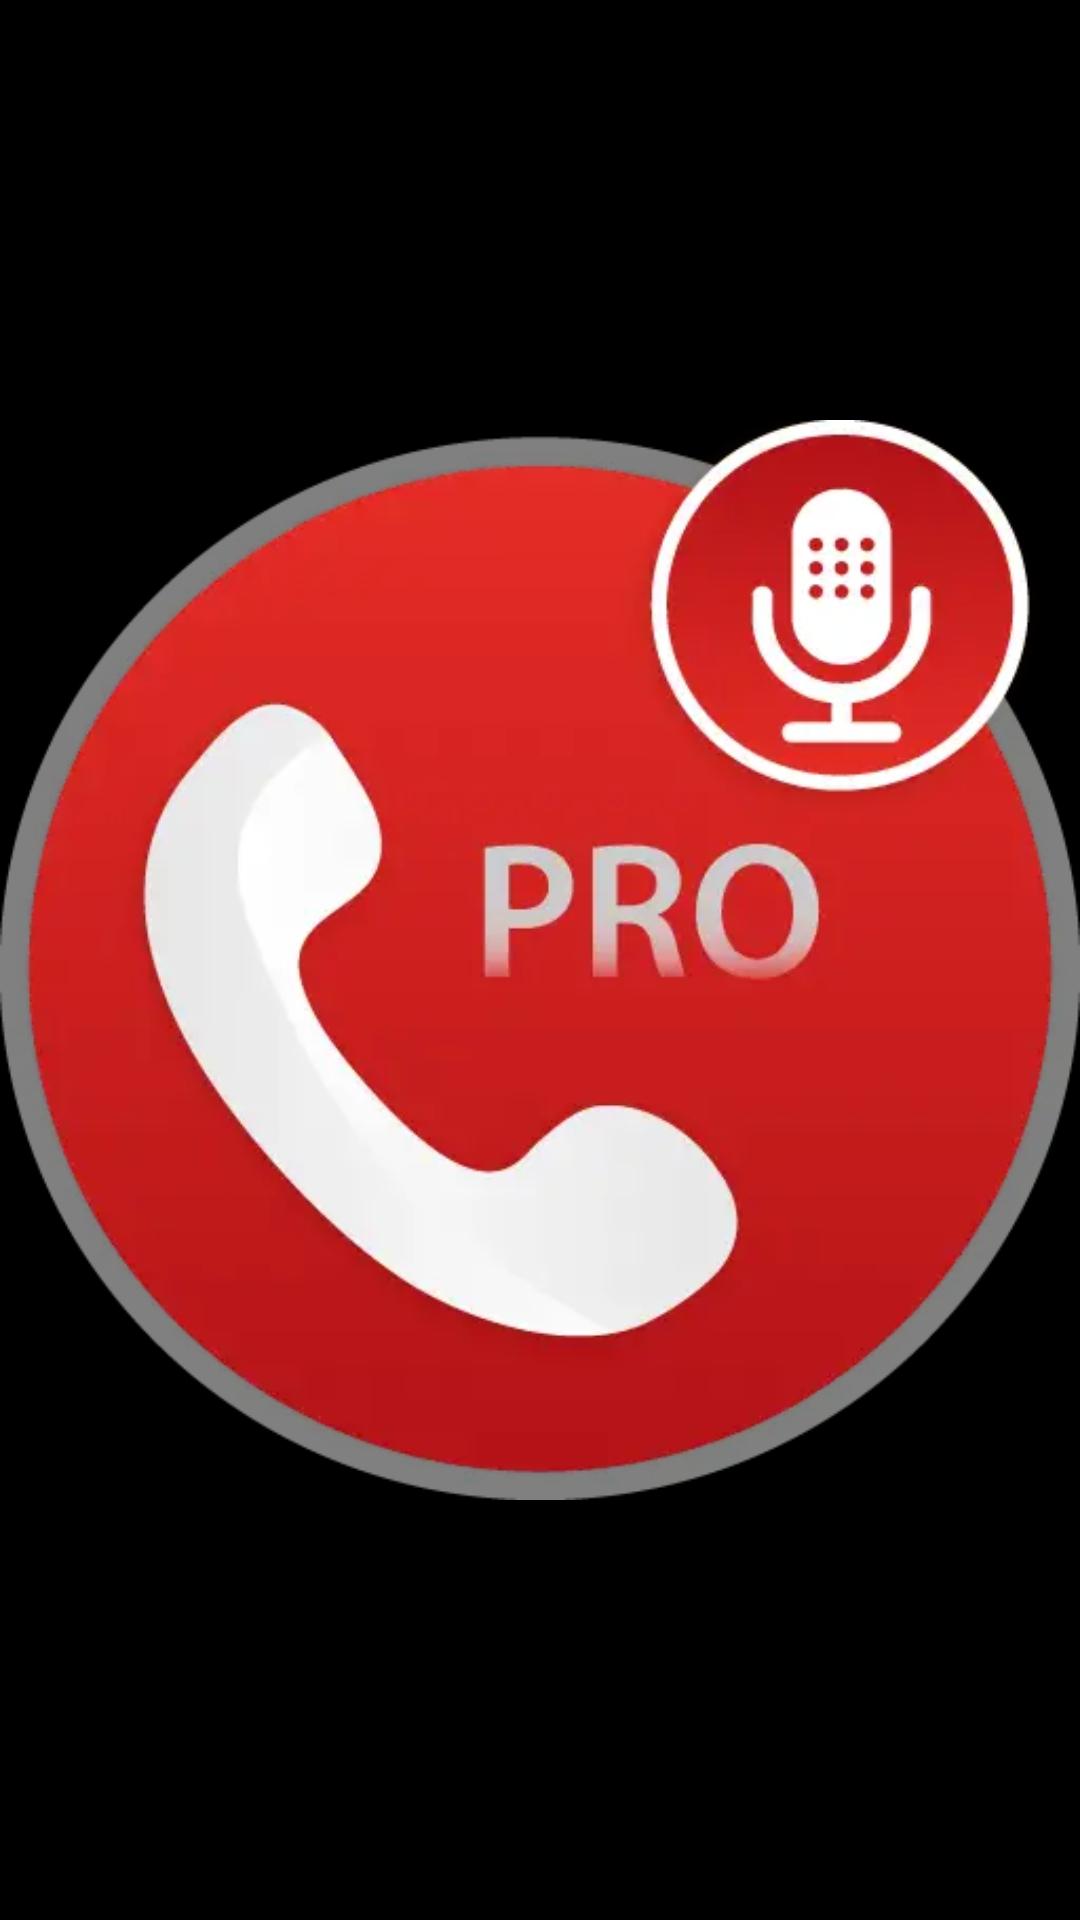 Auto Call Recorder Pro za darmo na Androida